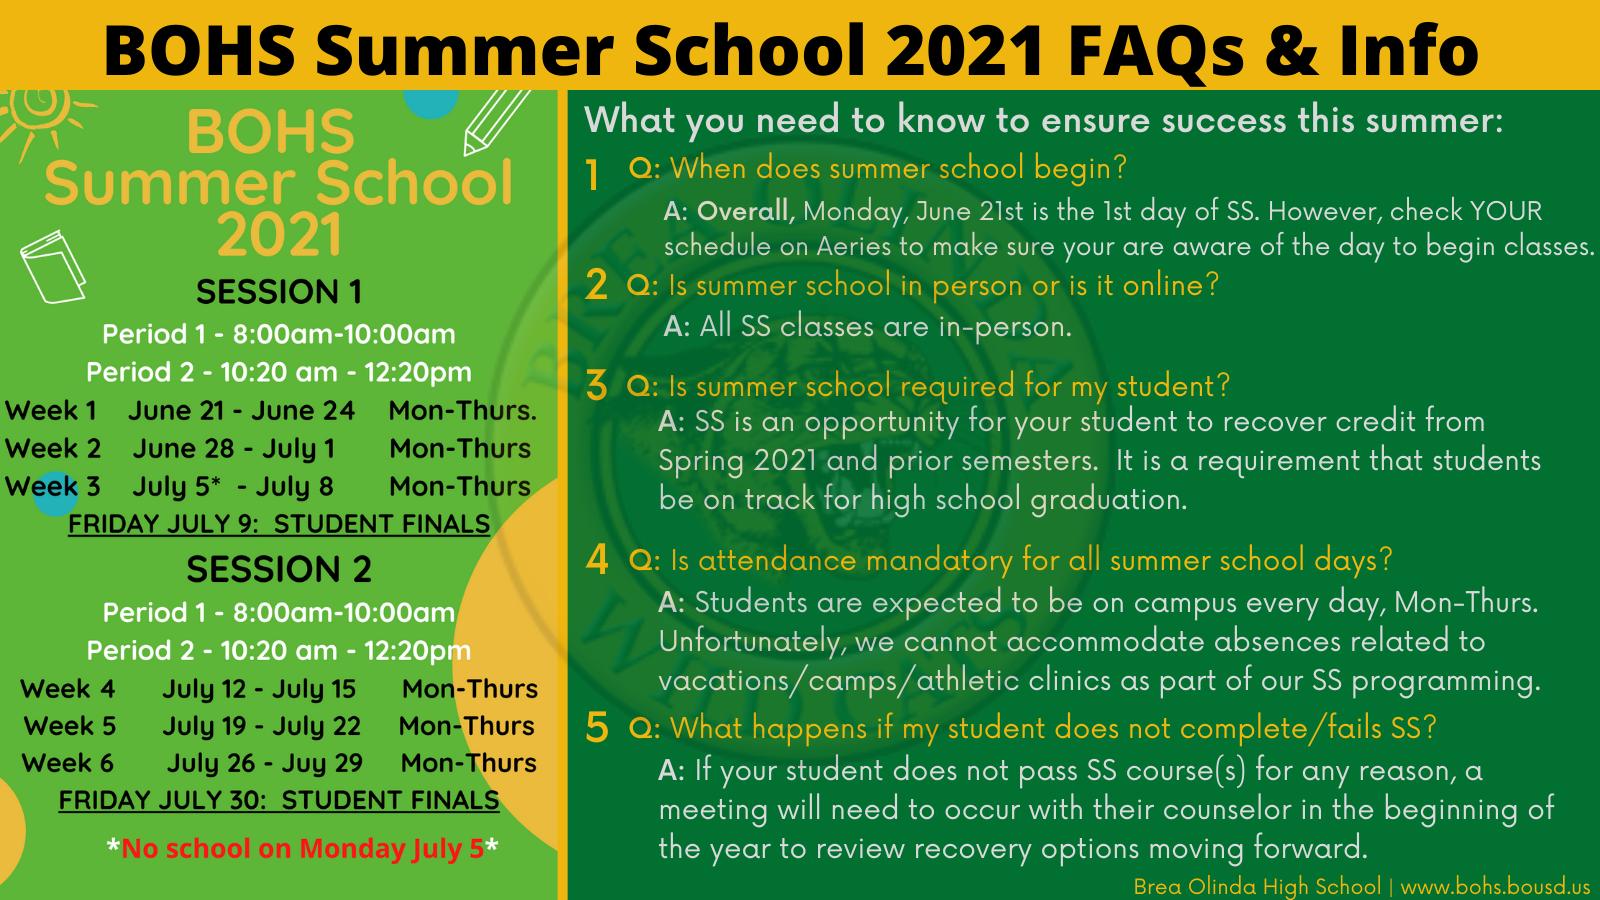 Summer School 2021 information